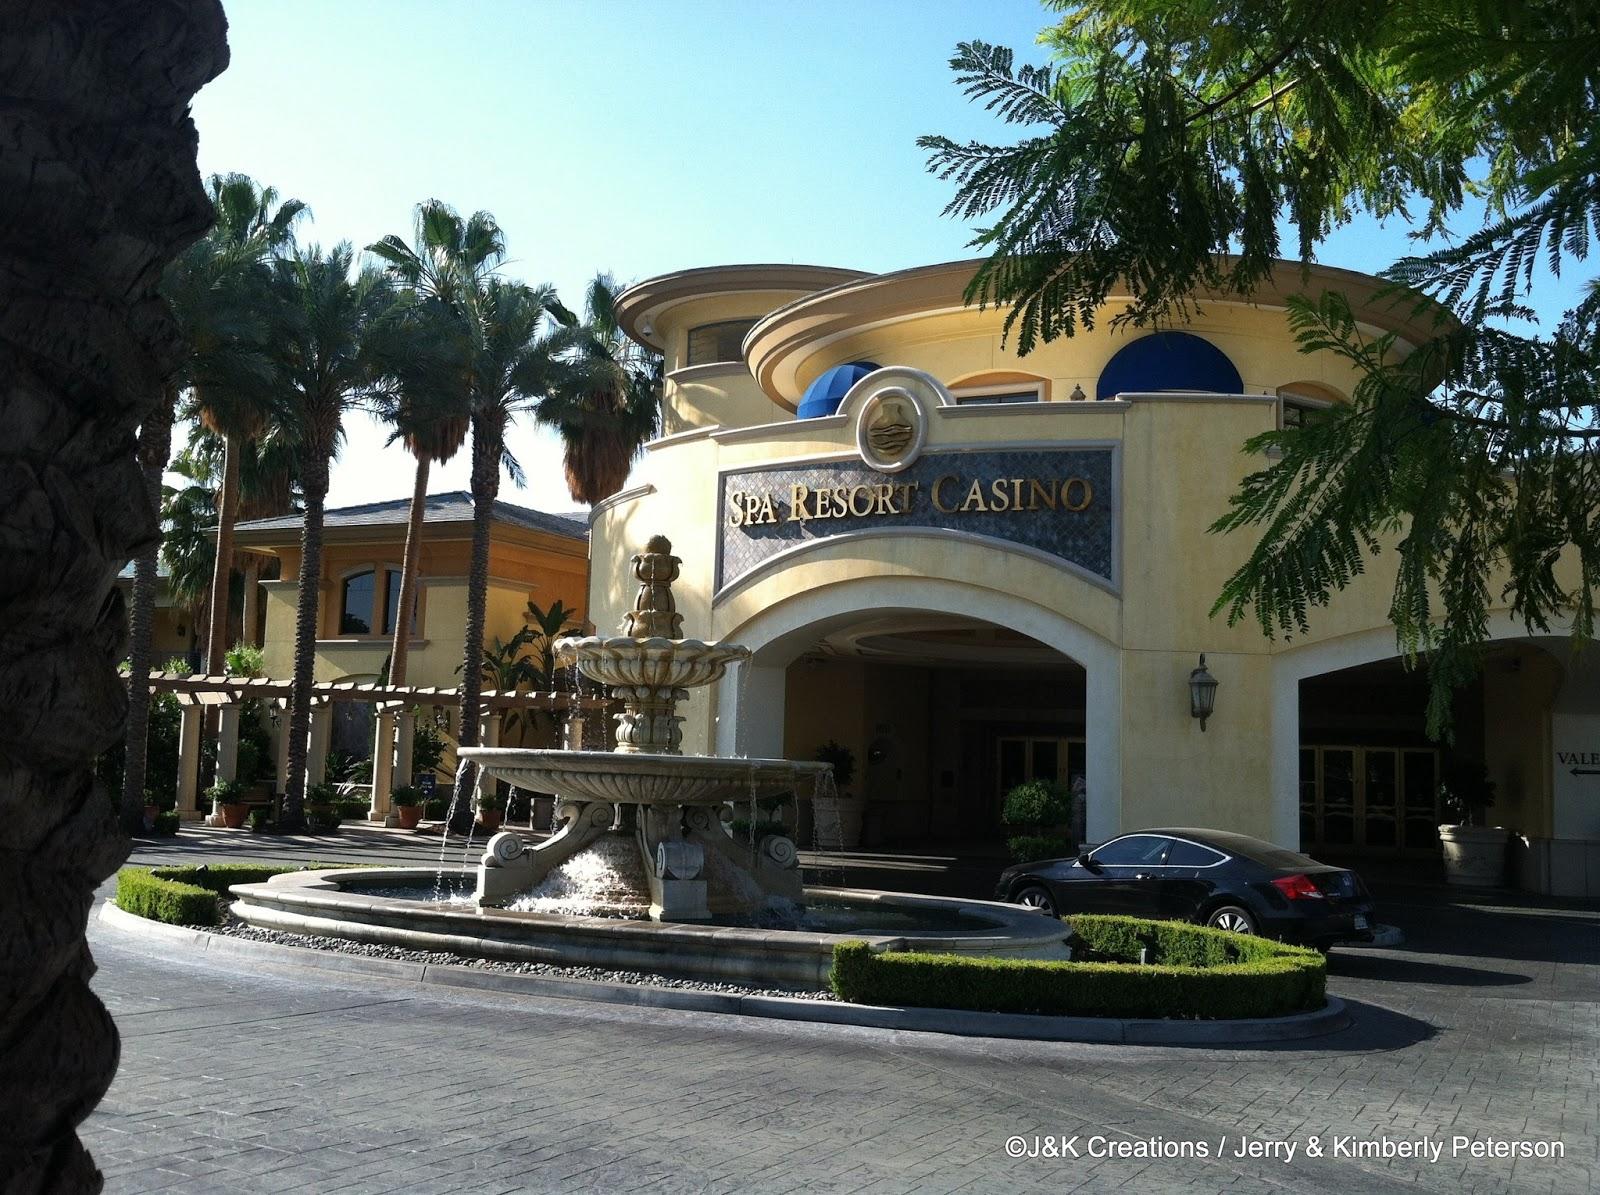 Spa casino 92262